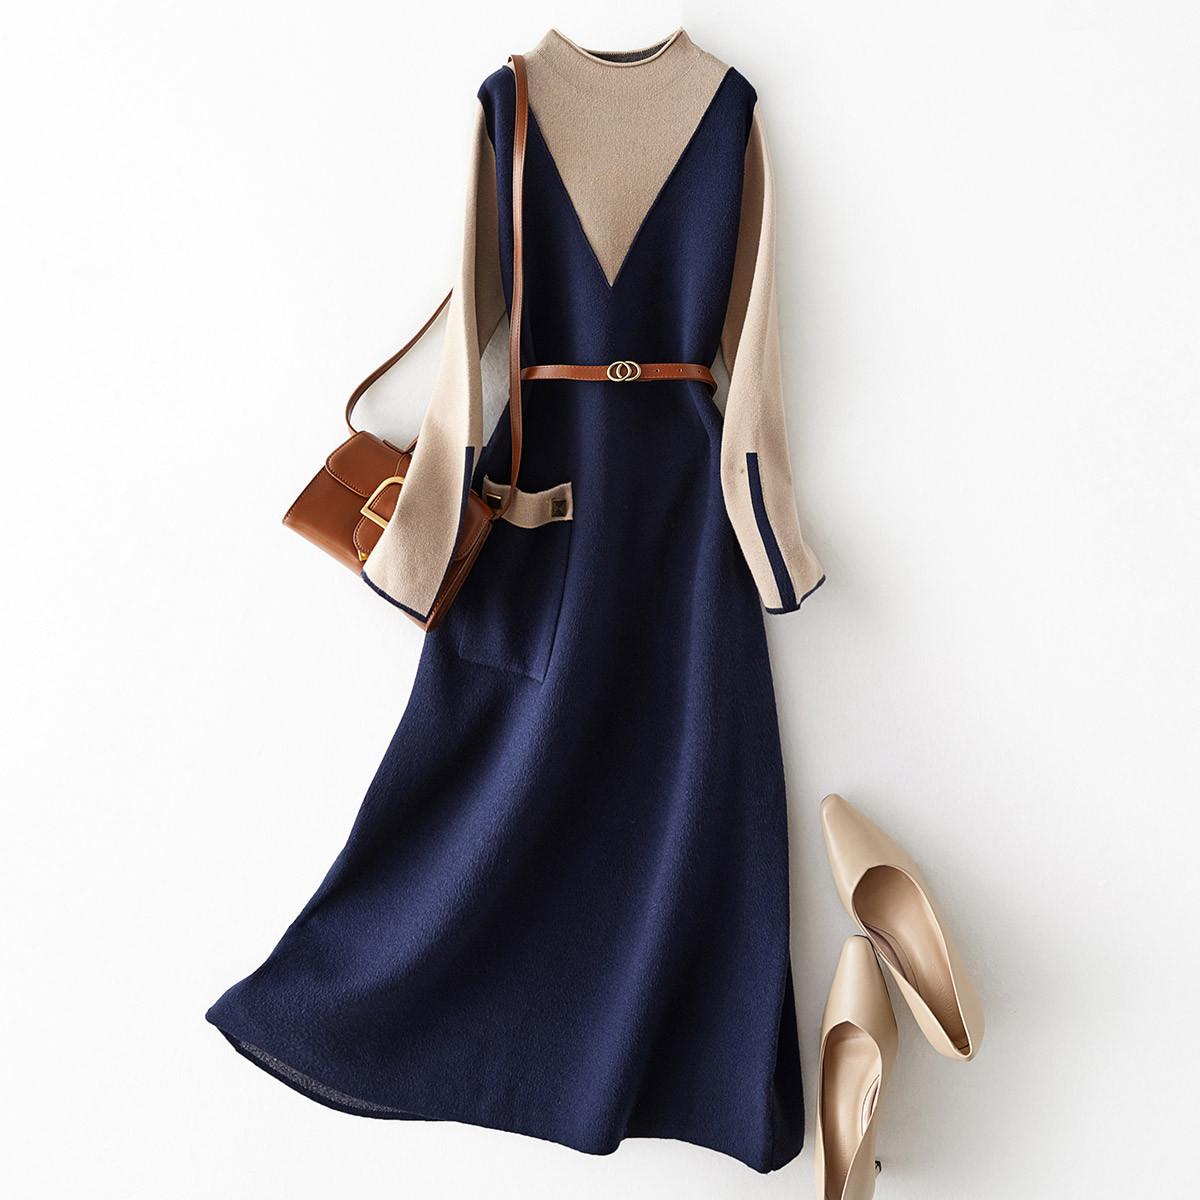 20秋冬精致大方长裙女款简约时尚气质收腰显瘦撞色针织连衣裙